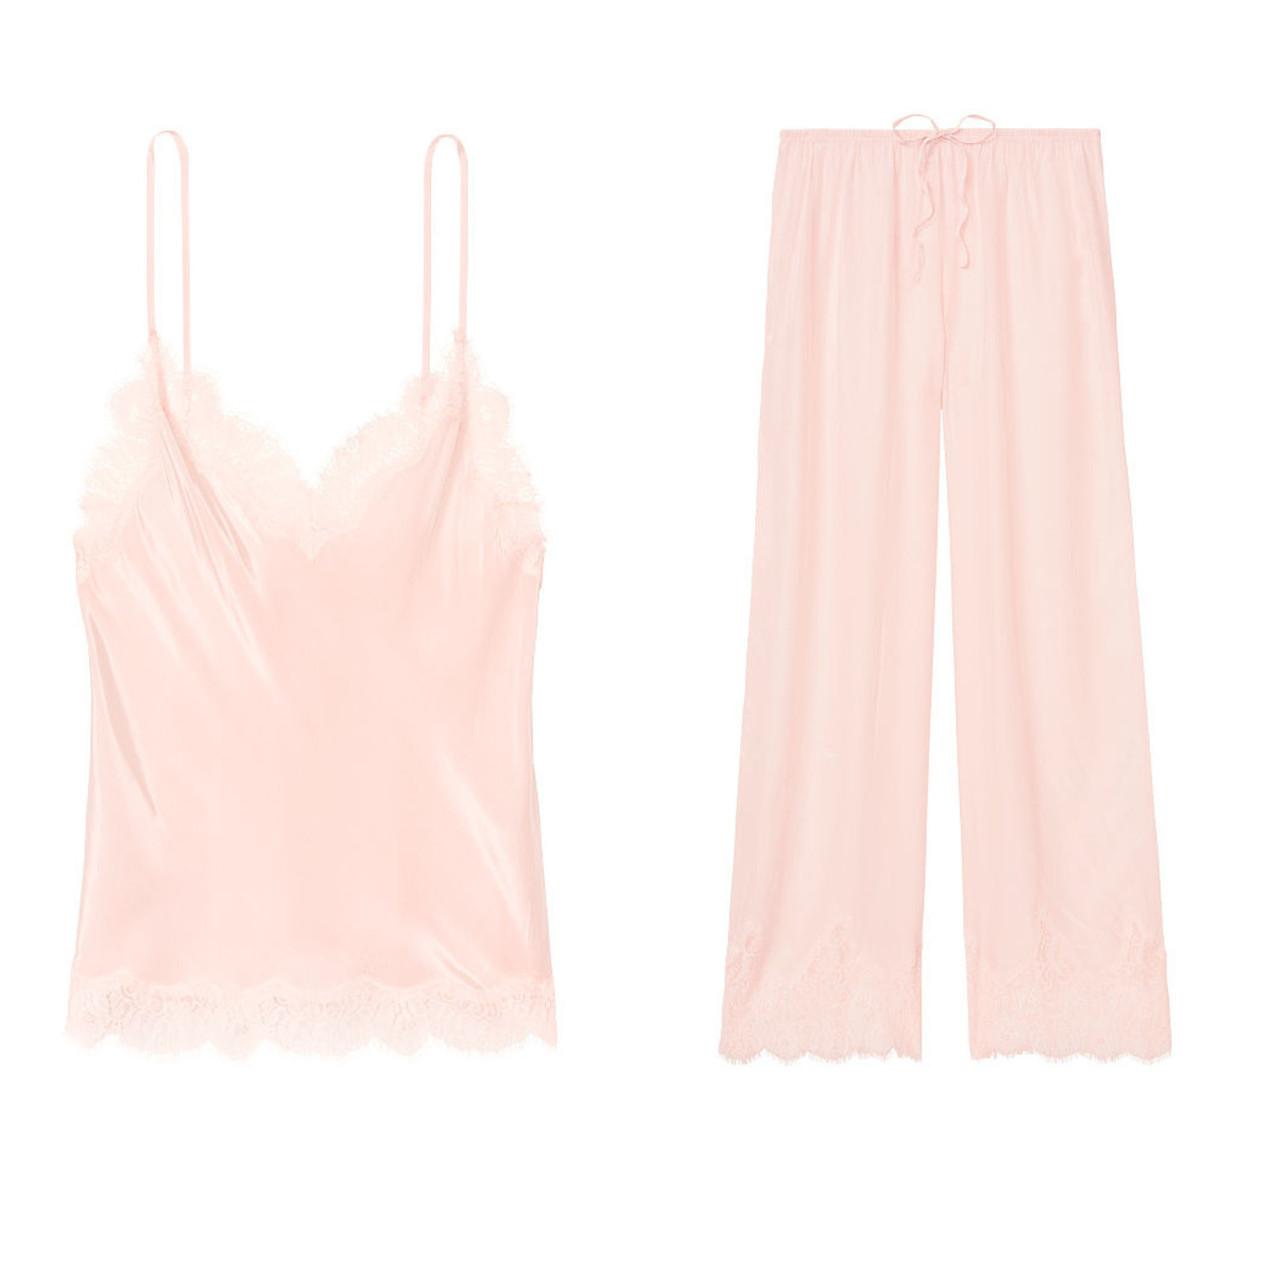 Домашний костюм Victoria's Secret женская пижама art634927 (Розовый, размер XL)